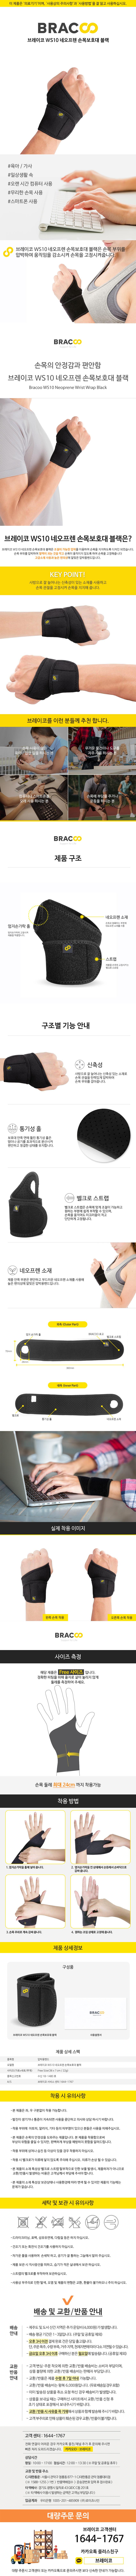 브레이코 WS10 네오프렌 손목보호대 - 브레이코, 18,000원, 스포츠용품, 보호장구